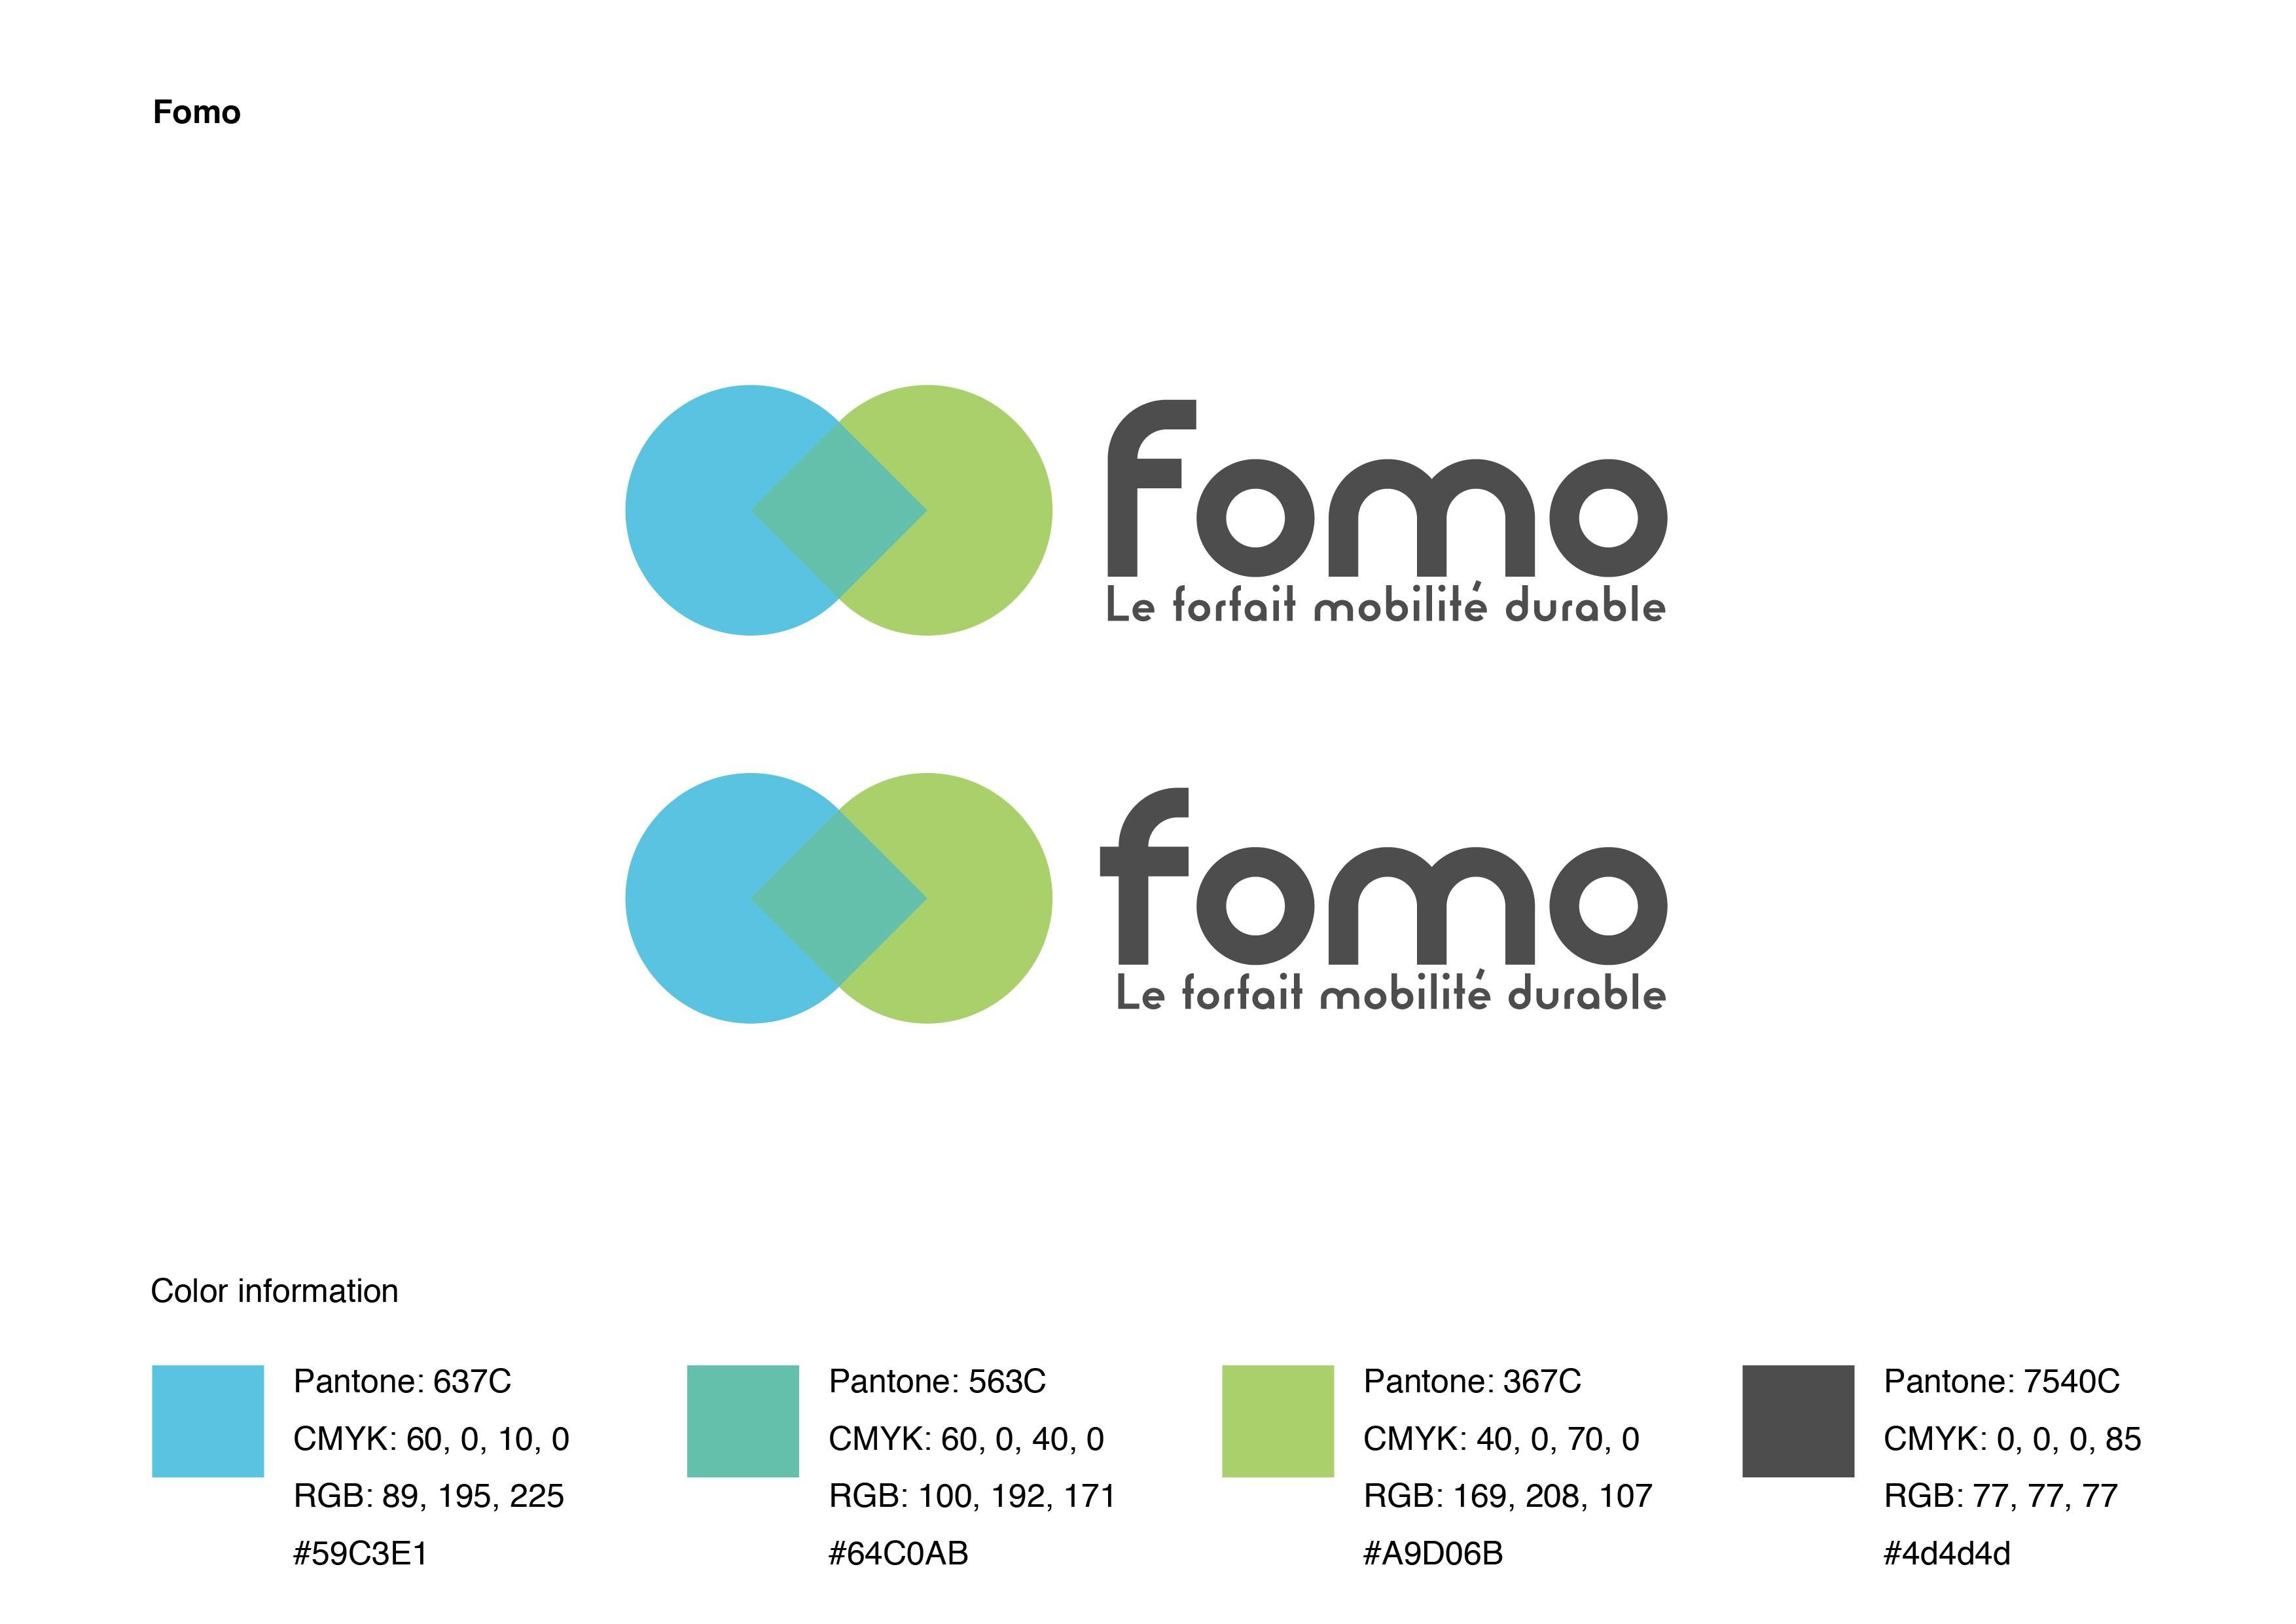 Création logo pour startup - application mobile de paiement pour la mobilité verte et durable